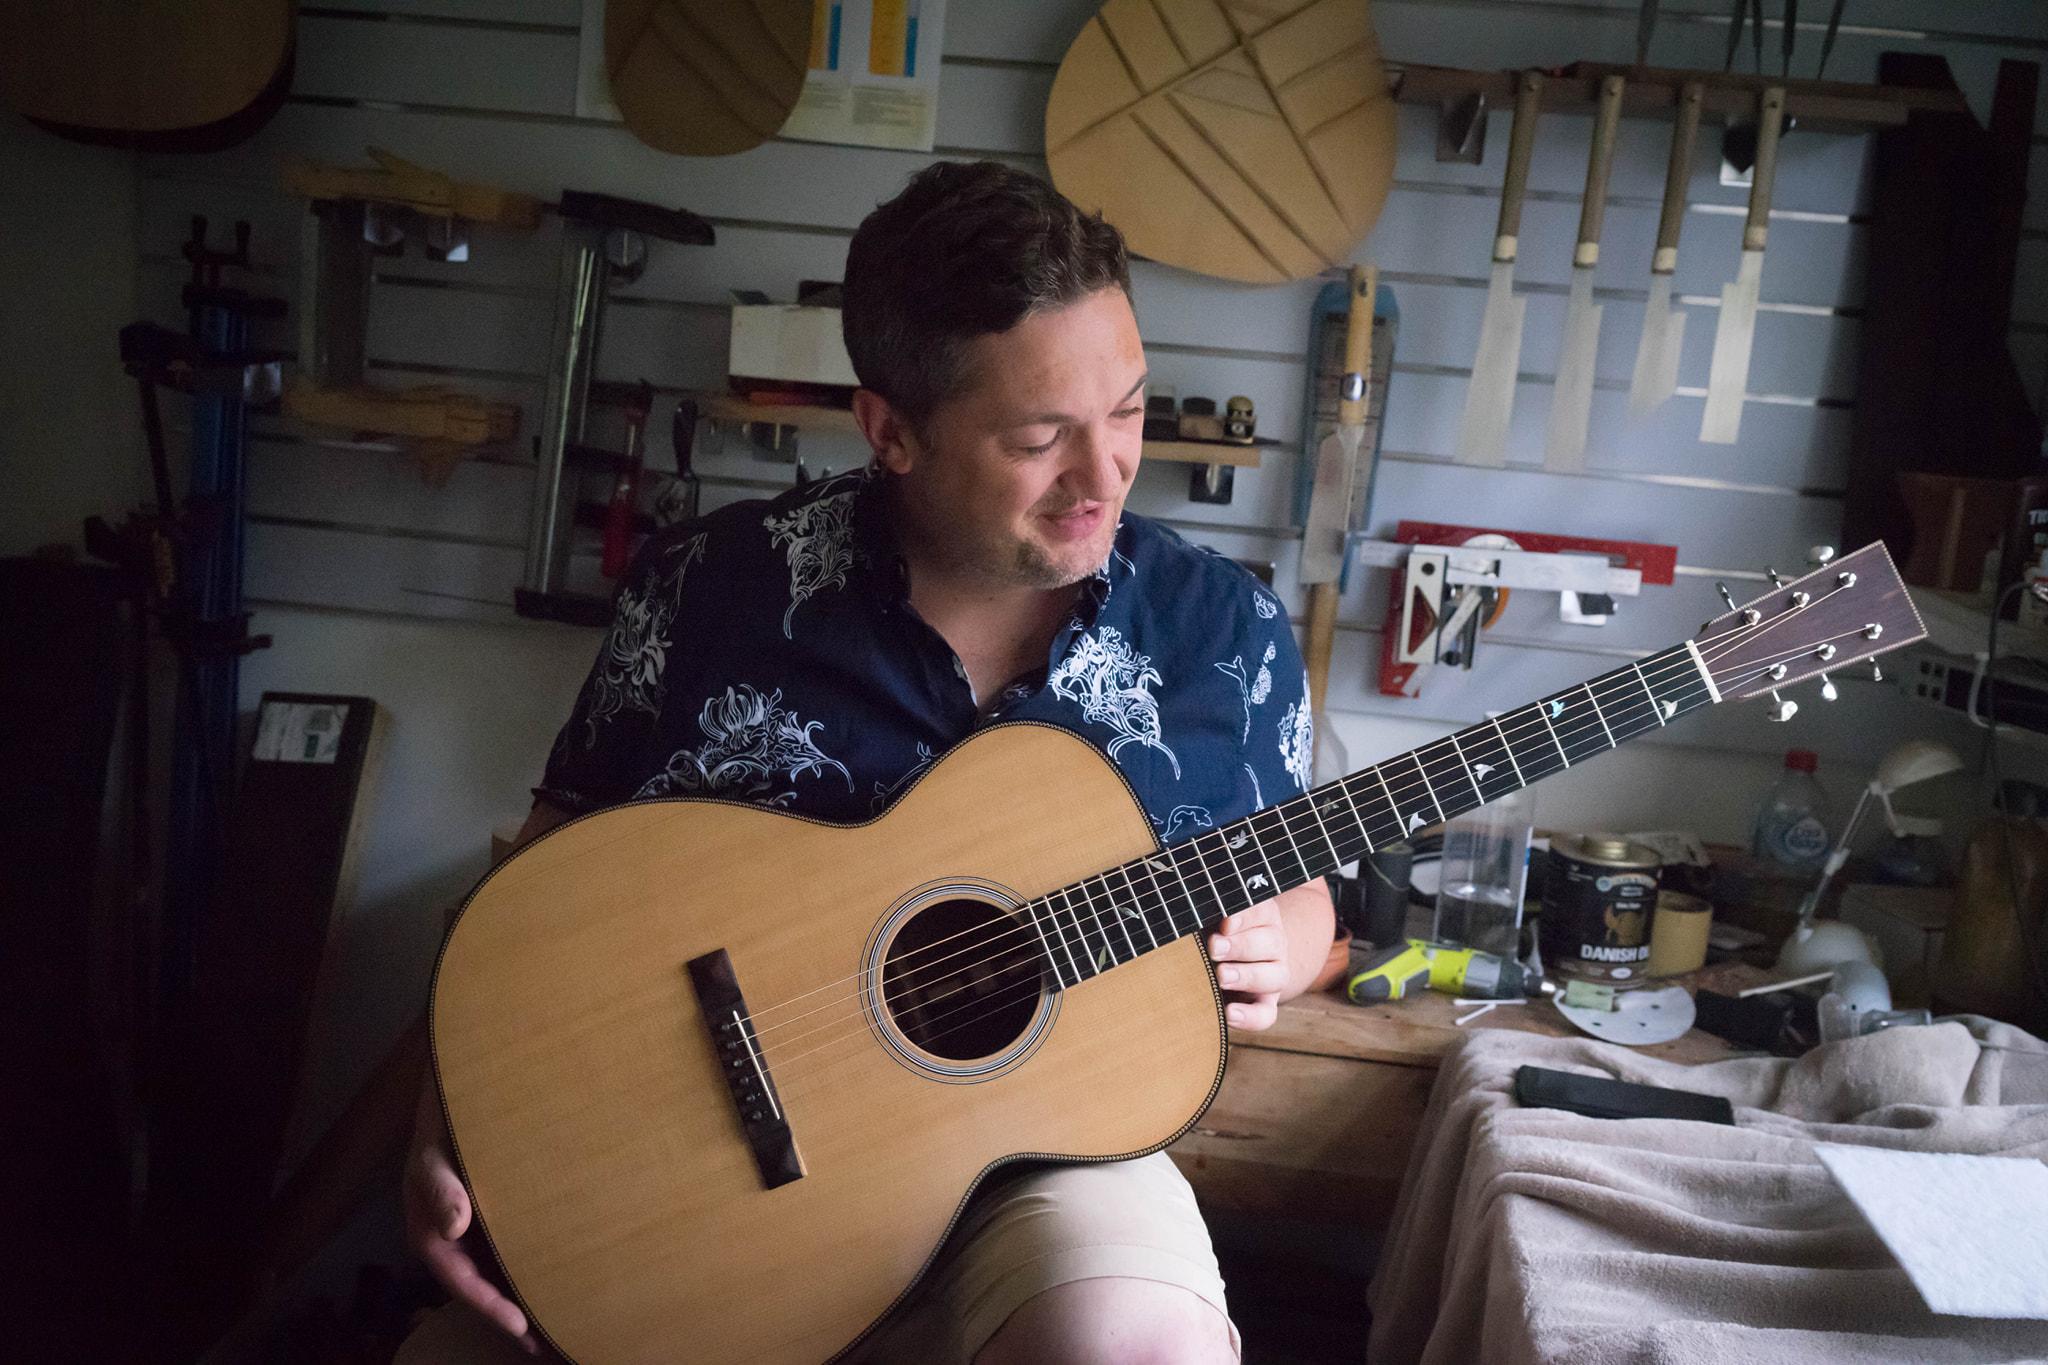 Soxy Guitar Repair Setup - Melbourne Guitar Luthier Joseph Price